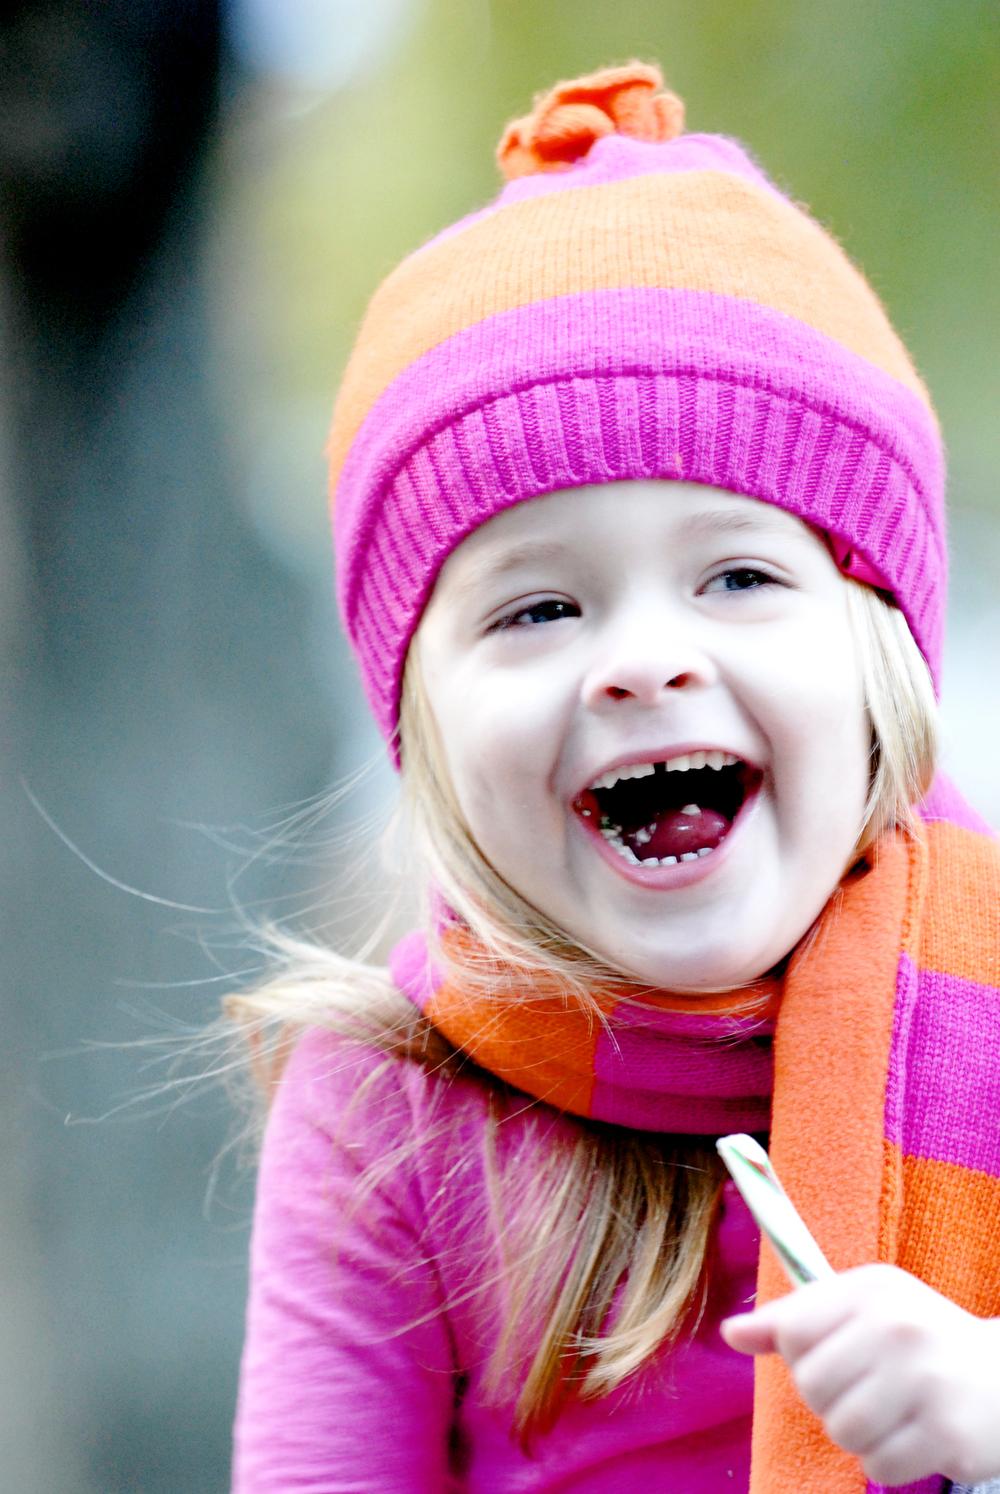 _DSC0477 cameron big laugh with candy color sensation.jpg